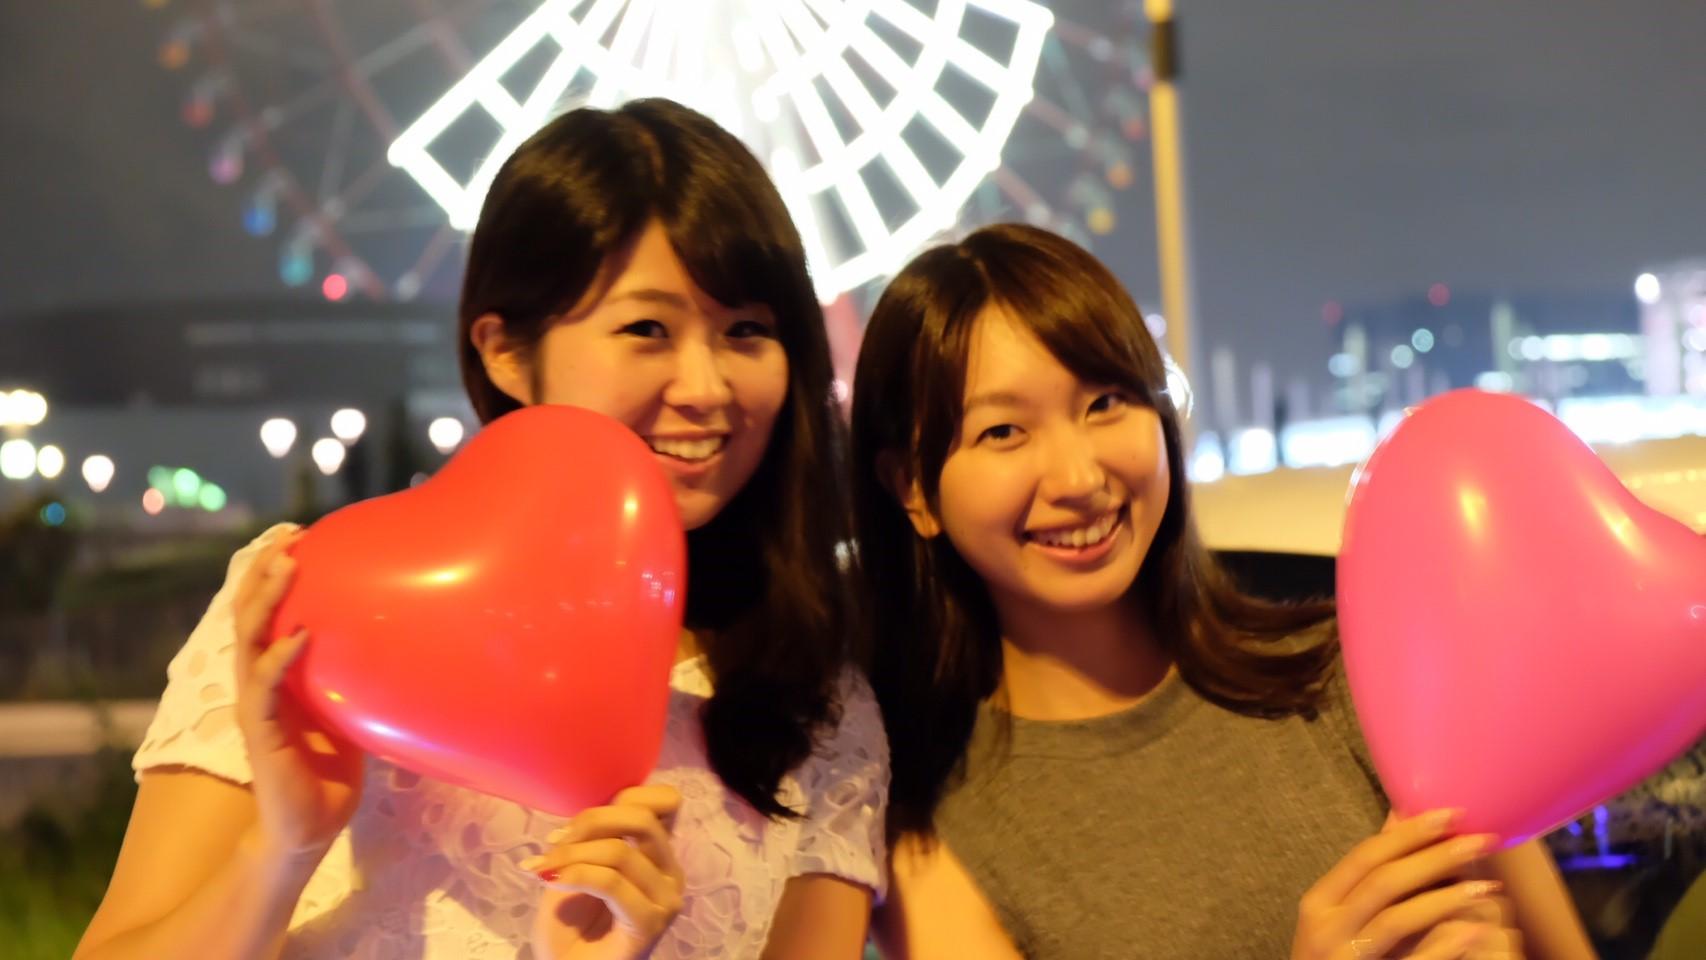 リムジンパーティー,リムジン女子会,リムジンレンタル,リムジン誕生日,リムジン